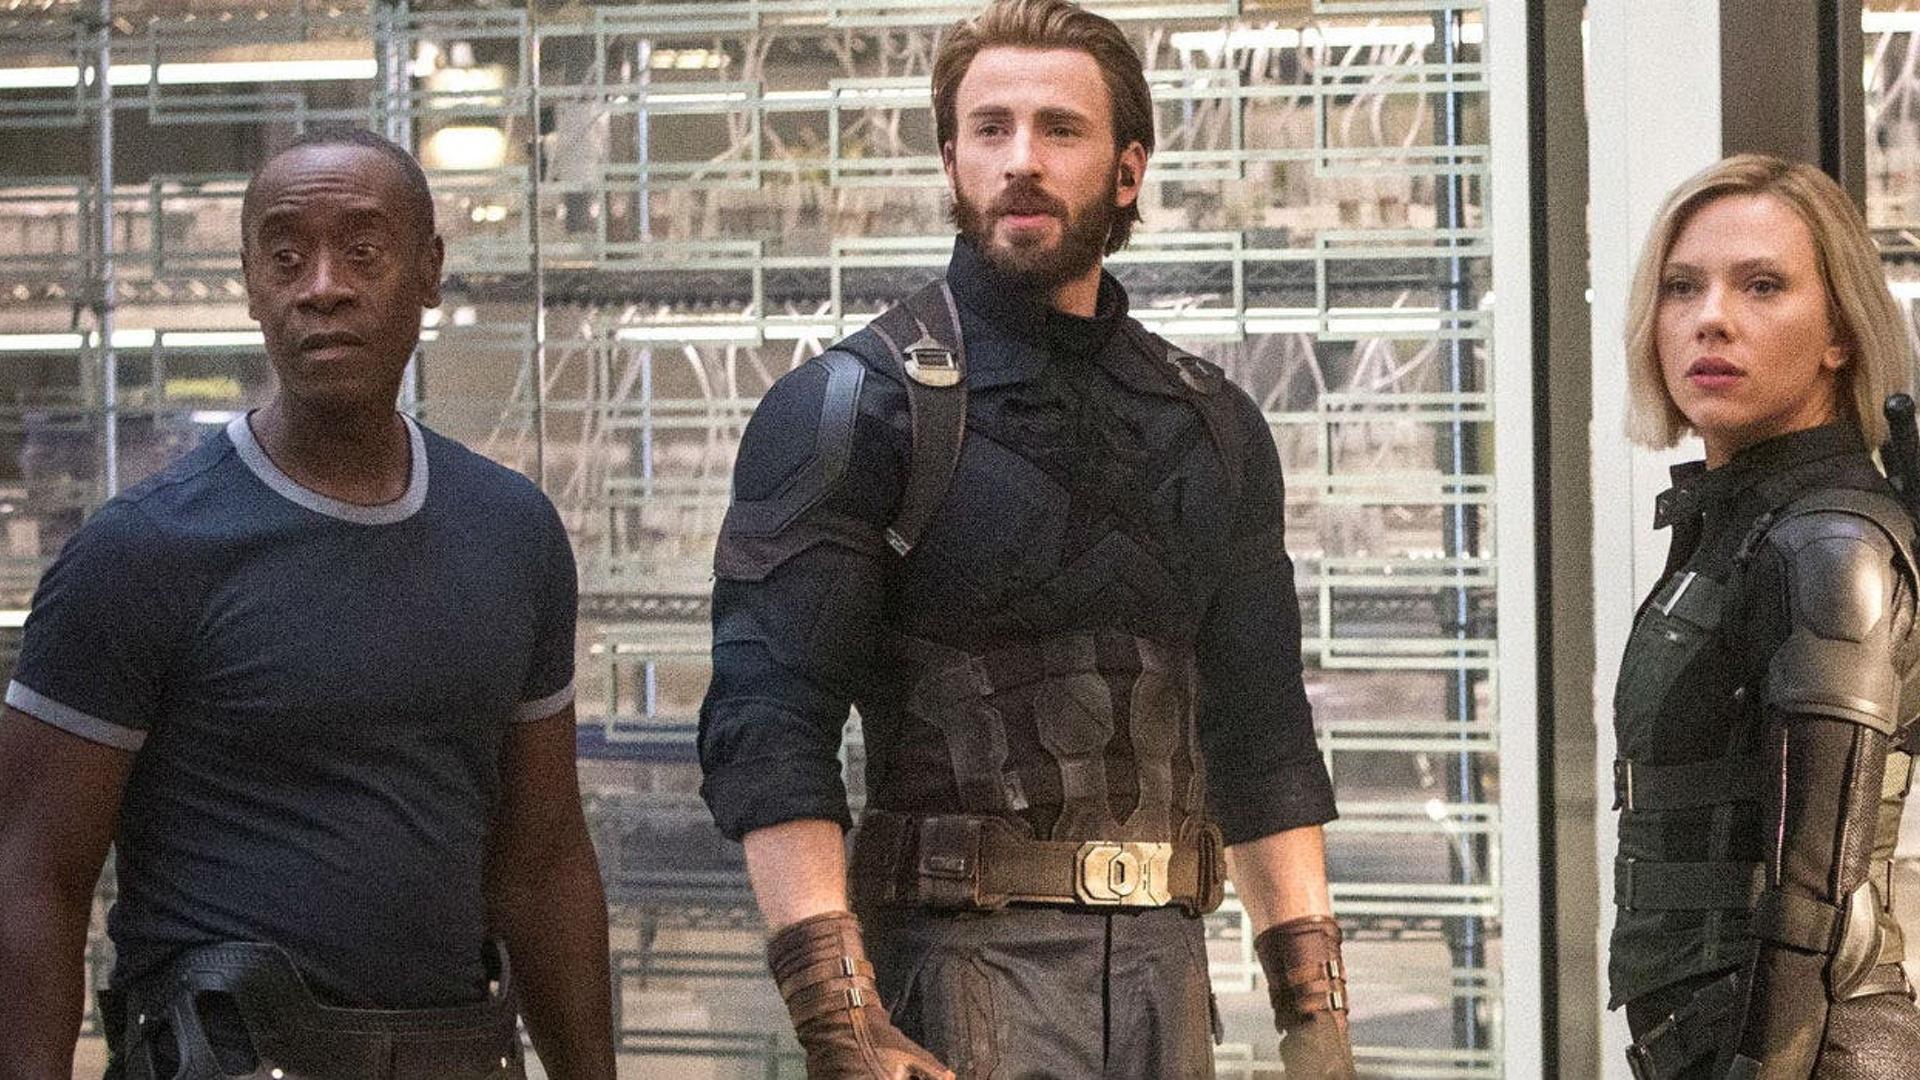 avengers-infinity-war-scene-description-focuses-on-the-avengers-arrival-to-wakanda-social.jpg